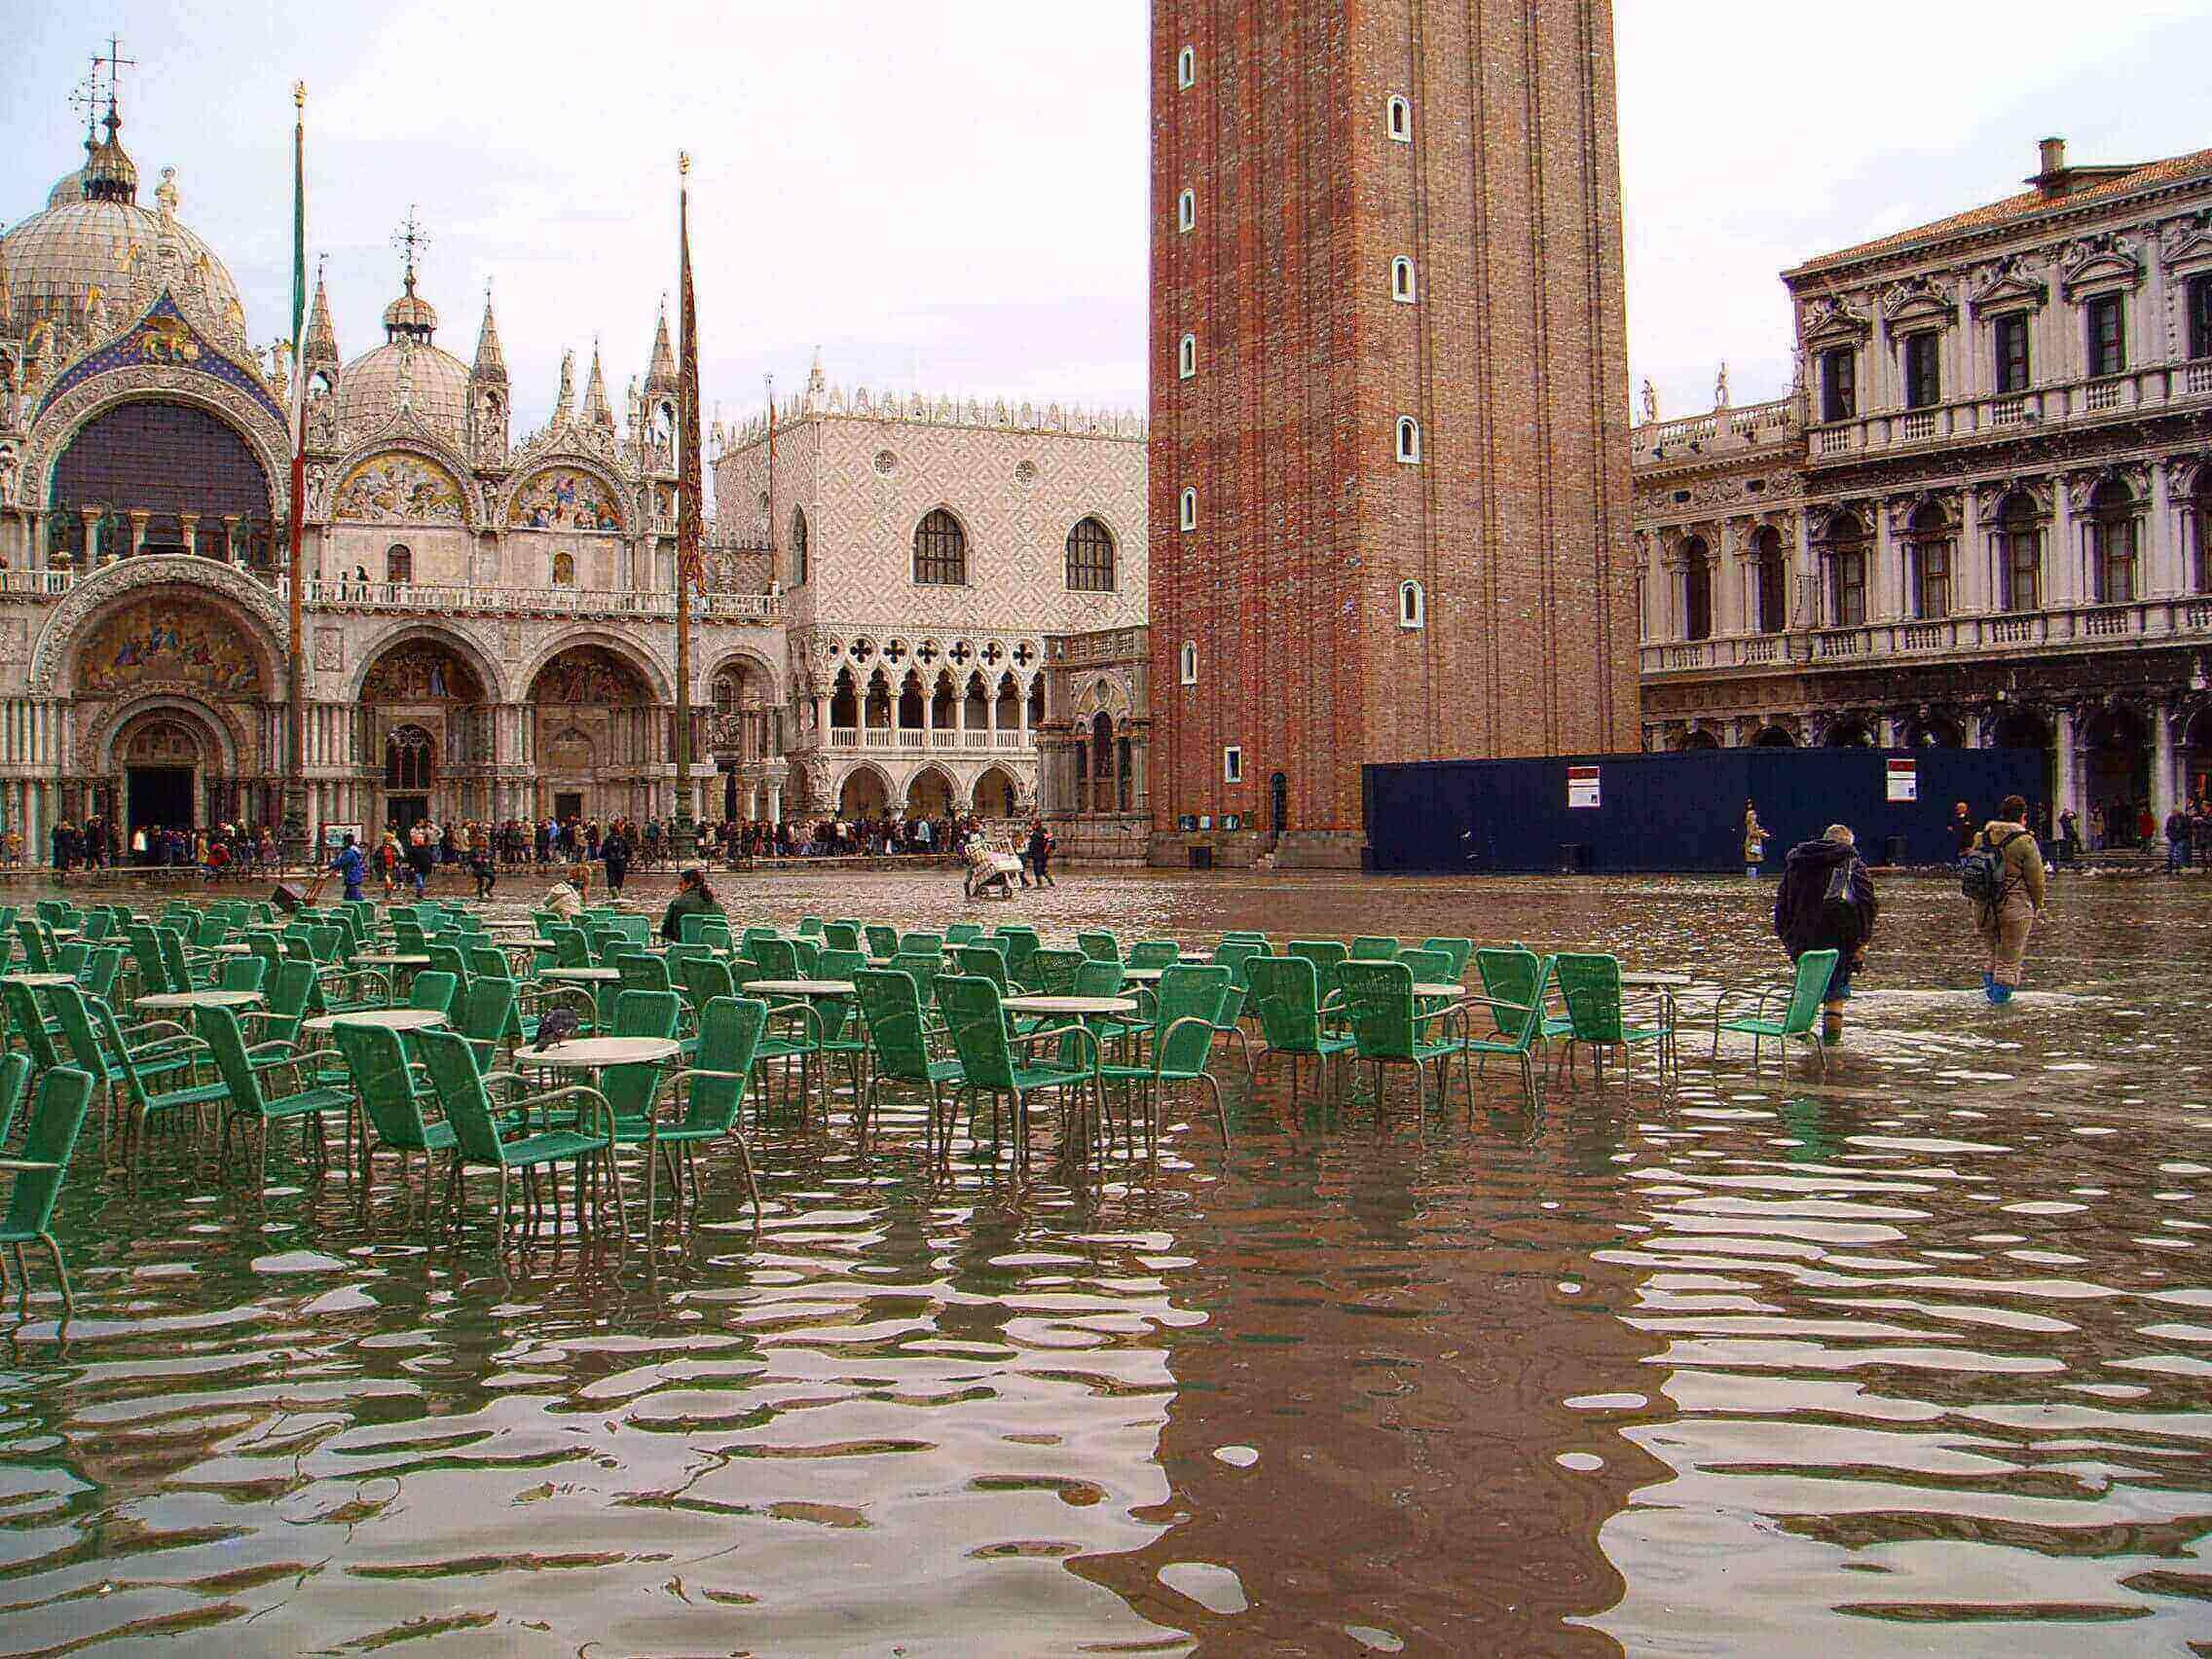 Acqua alta a Venezia: esiste una soluzione definitiva al problema?